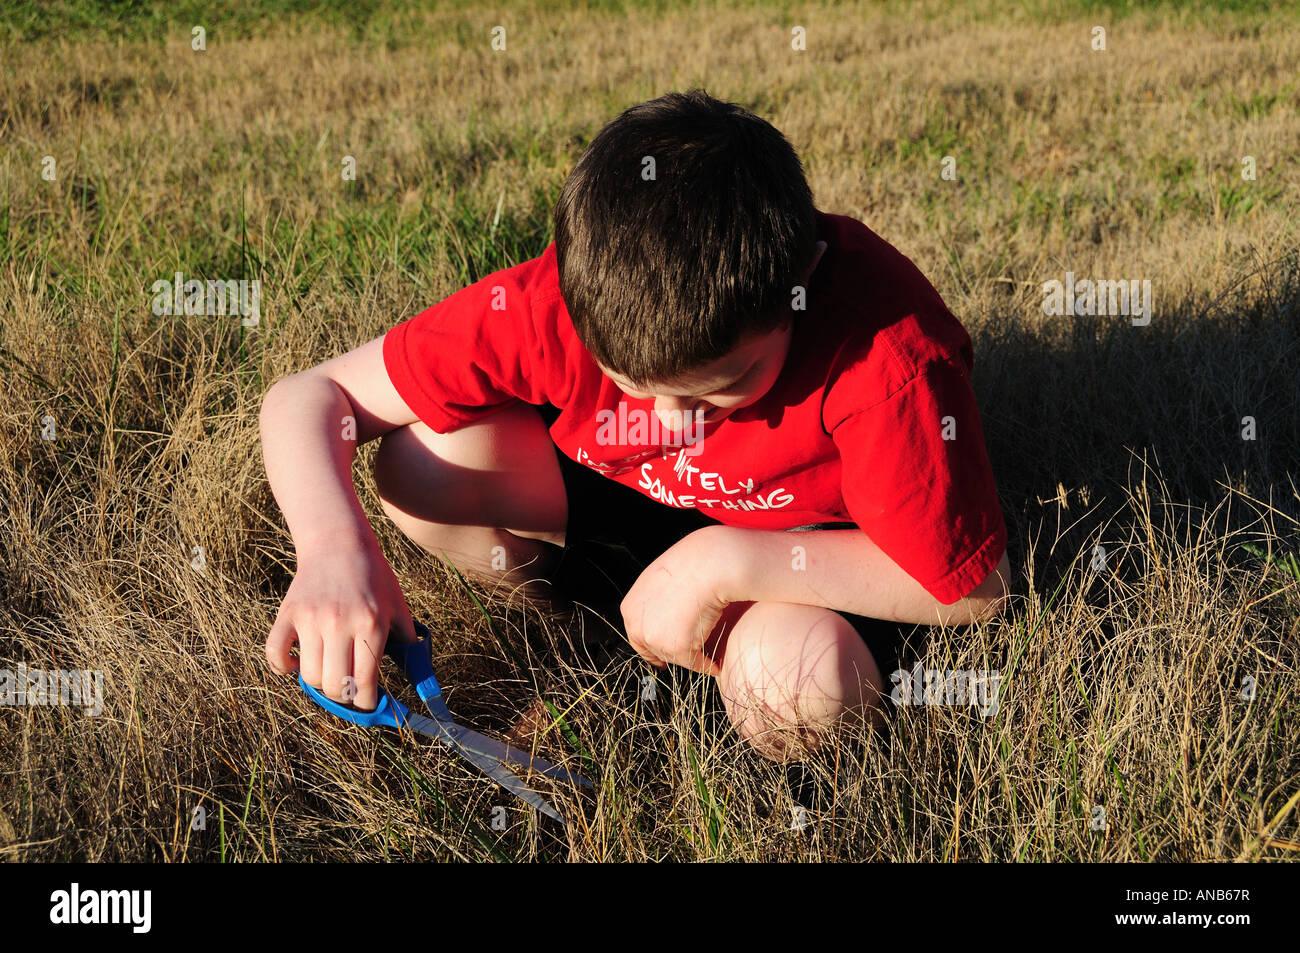 Un joven se corta el césped el lento camino de una hoja a la vez. Simboliza el concepto de difícil detalle de trabajo o una pérdida de tiempo. Foto de stock